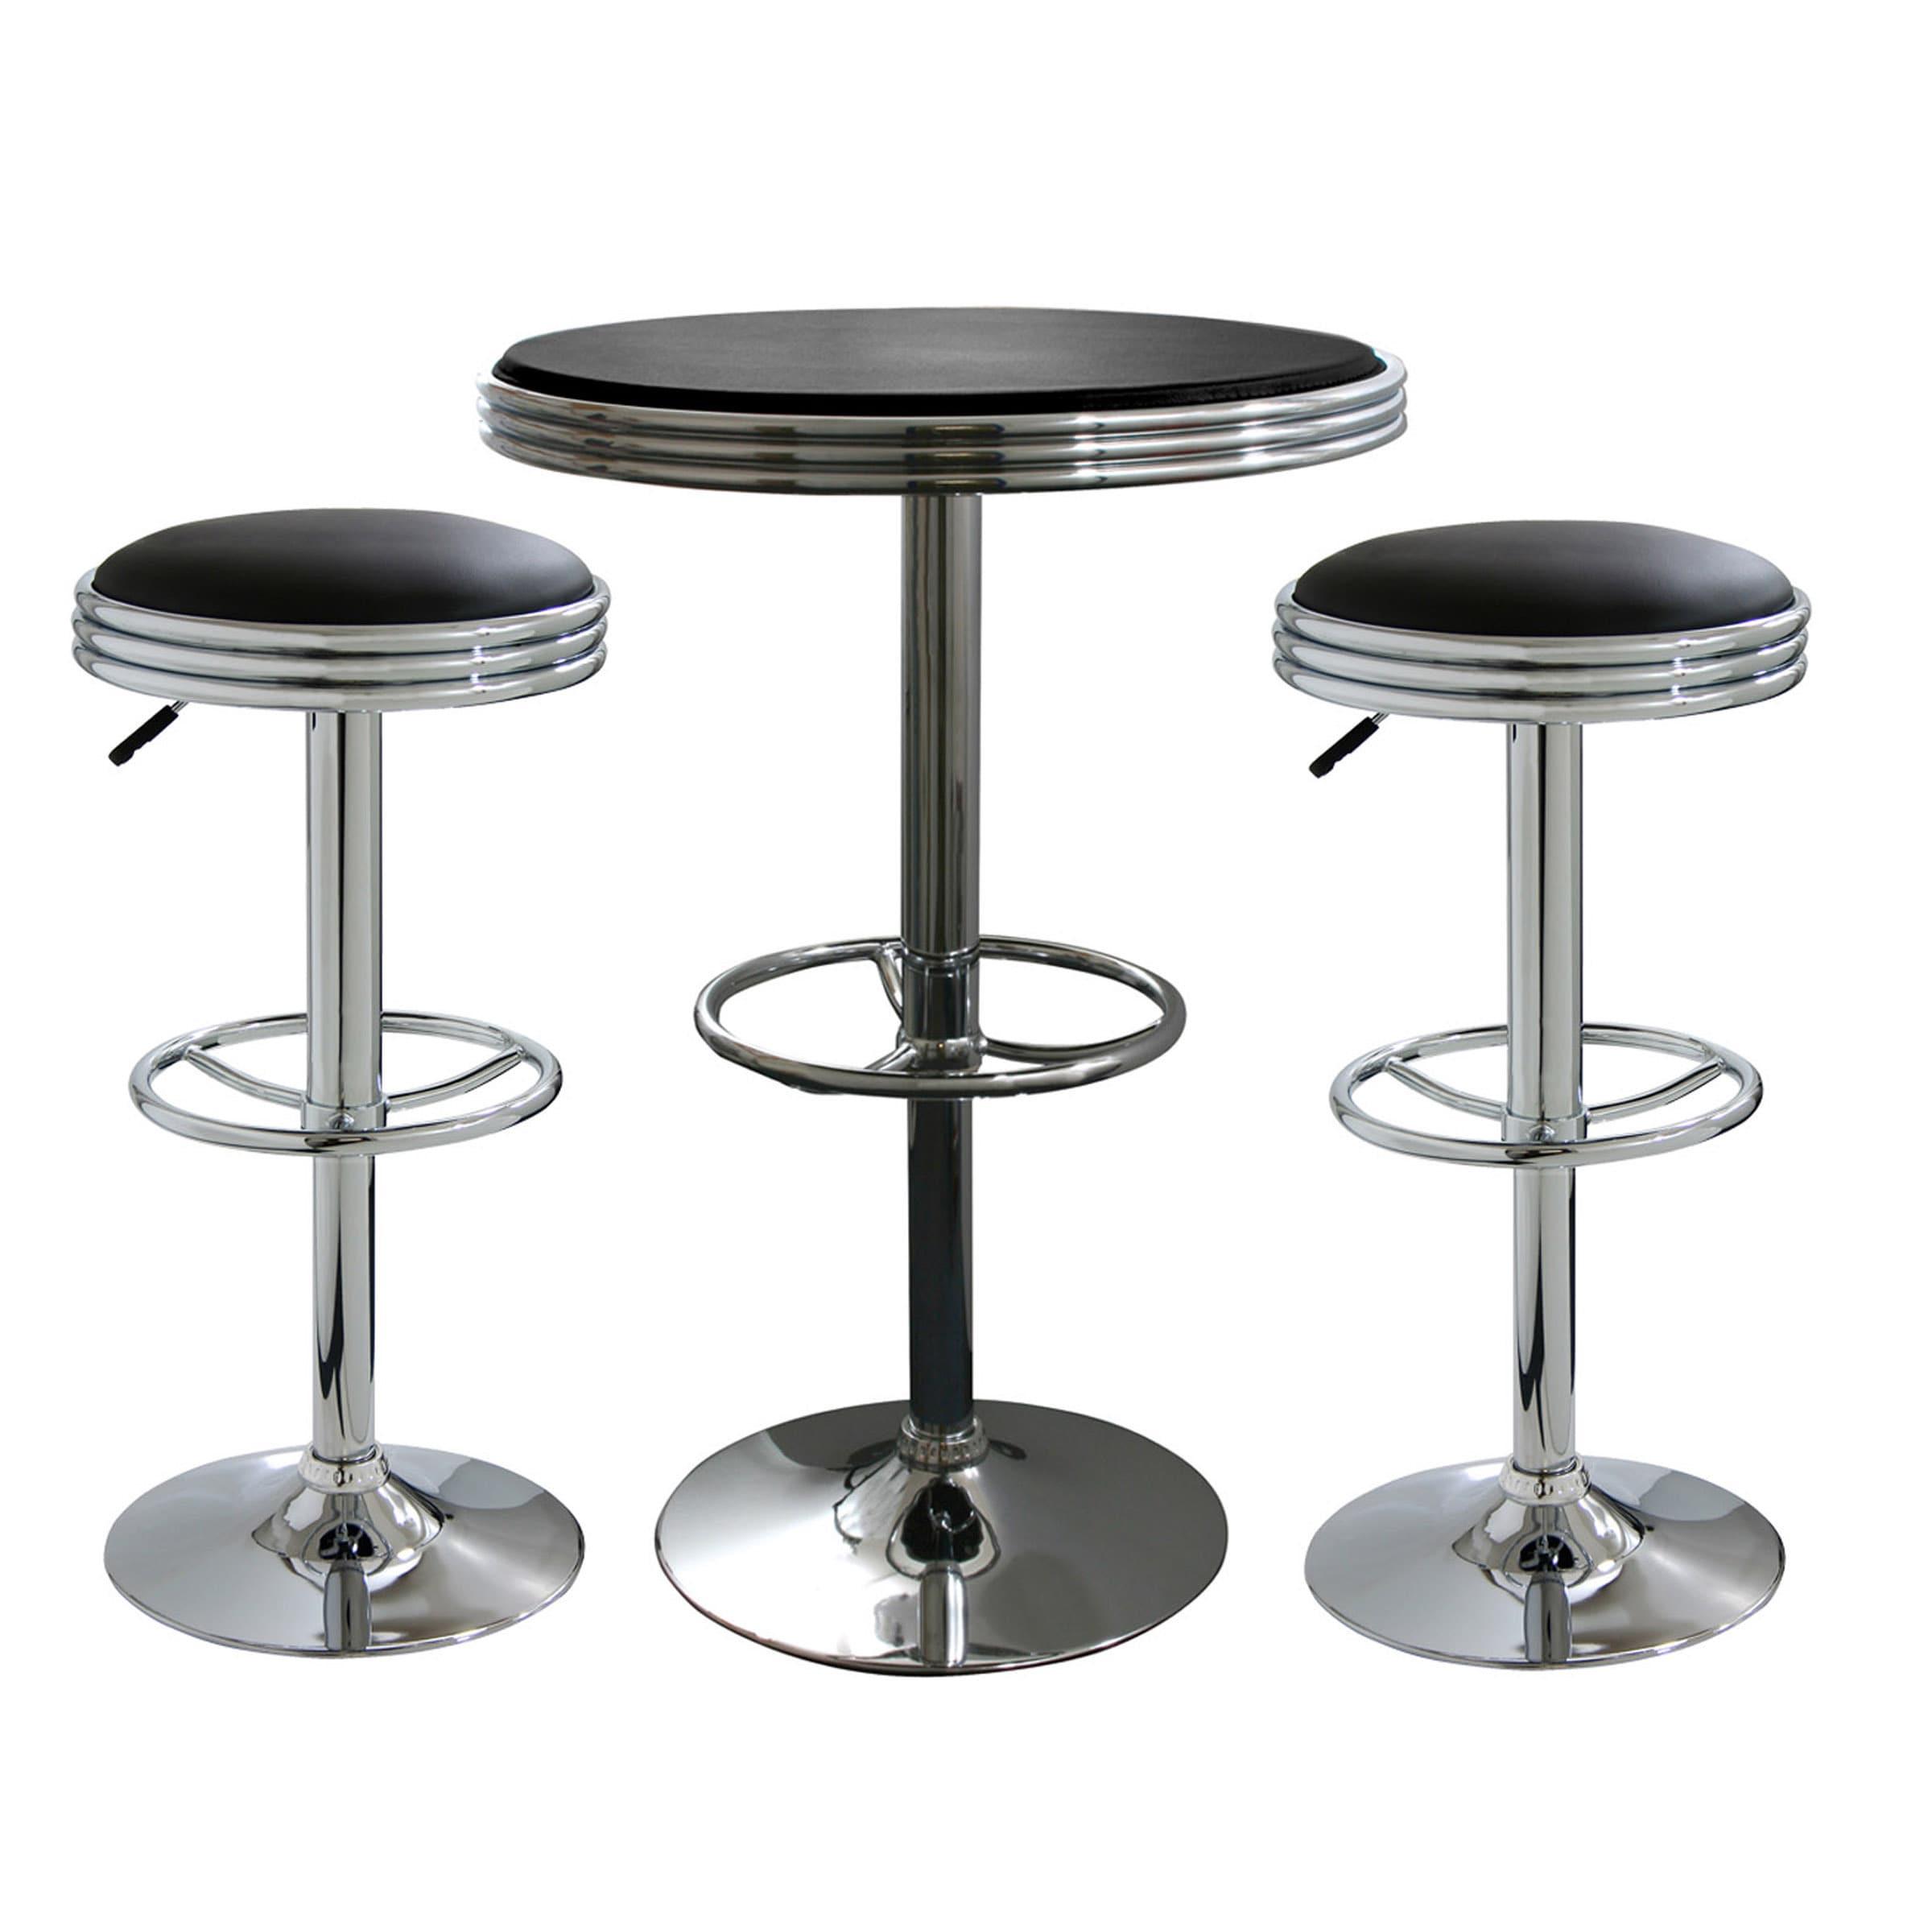 Retro 3-Piece Chrome Bar Stools and Table Set